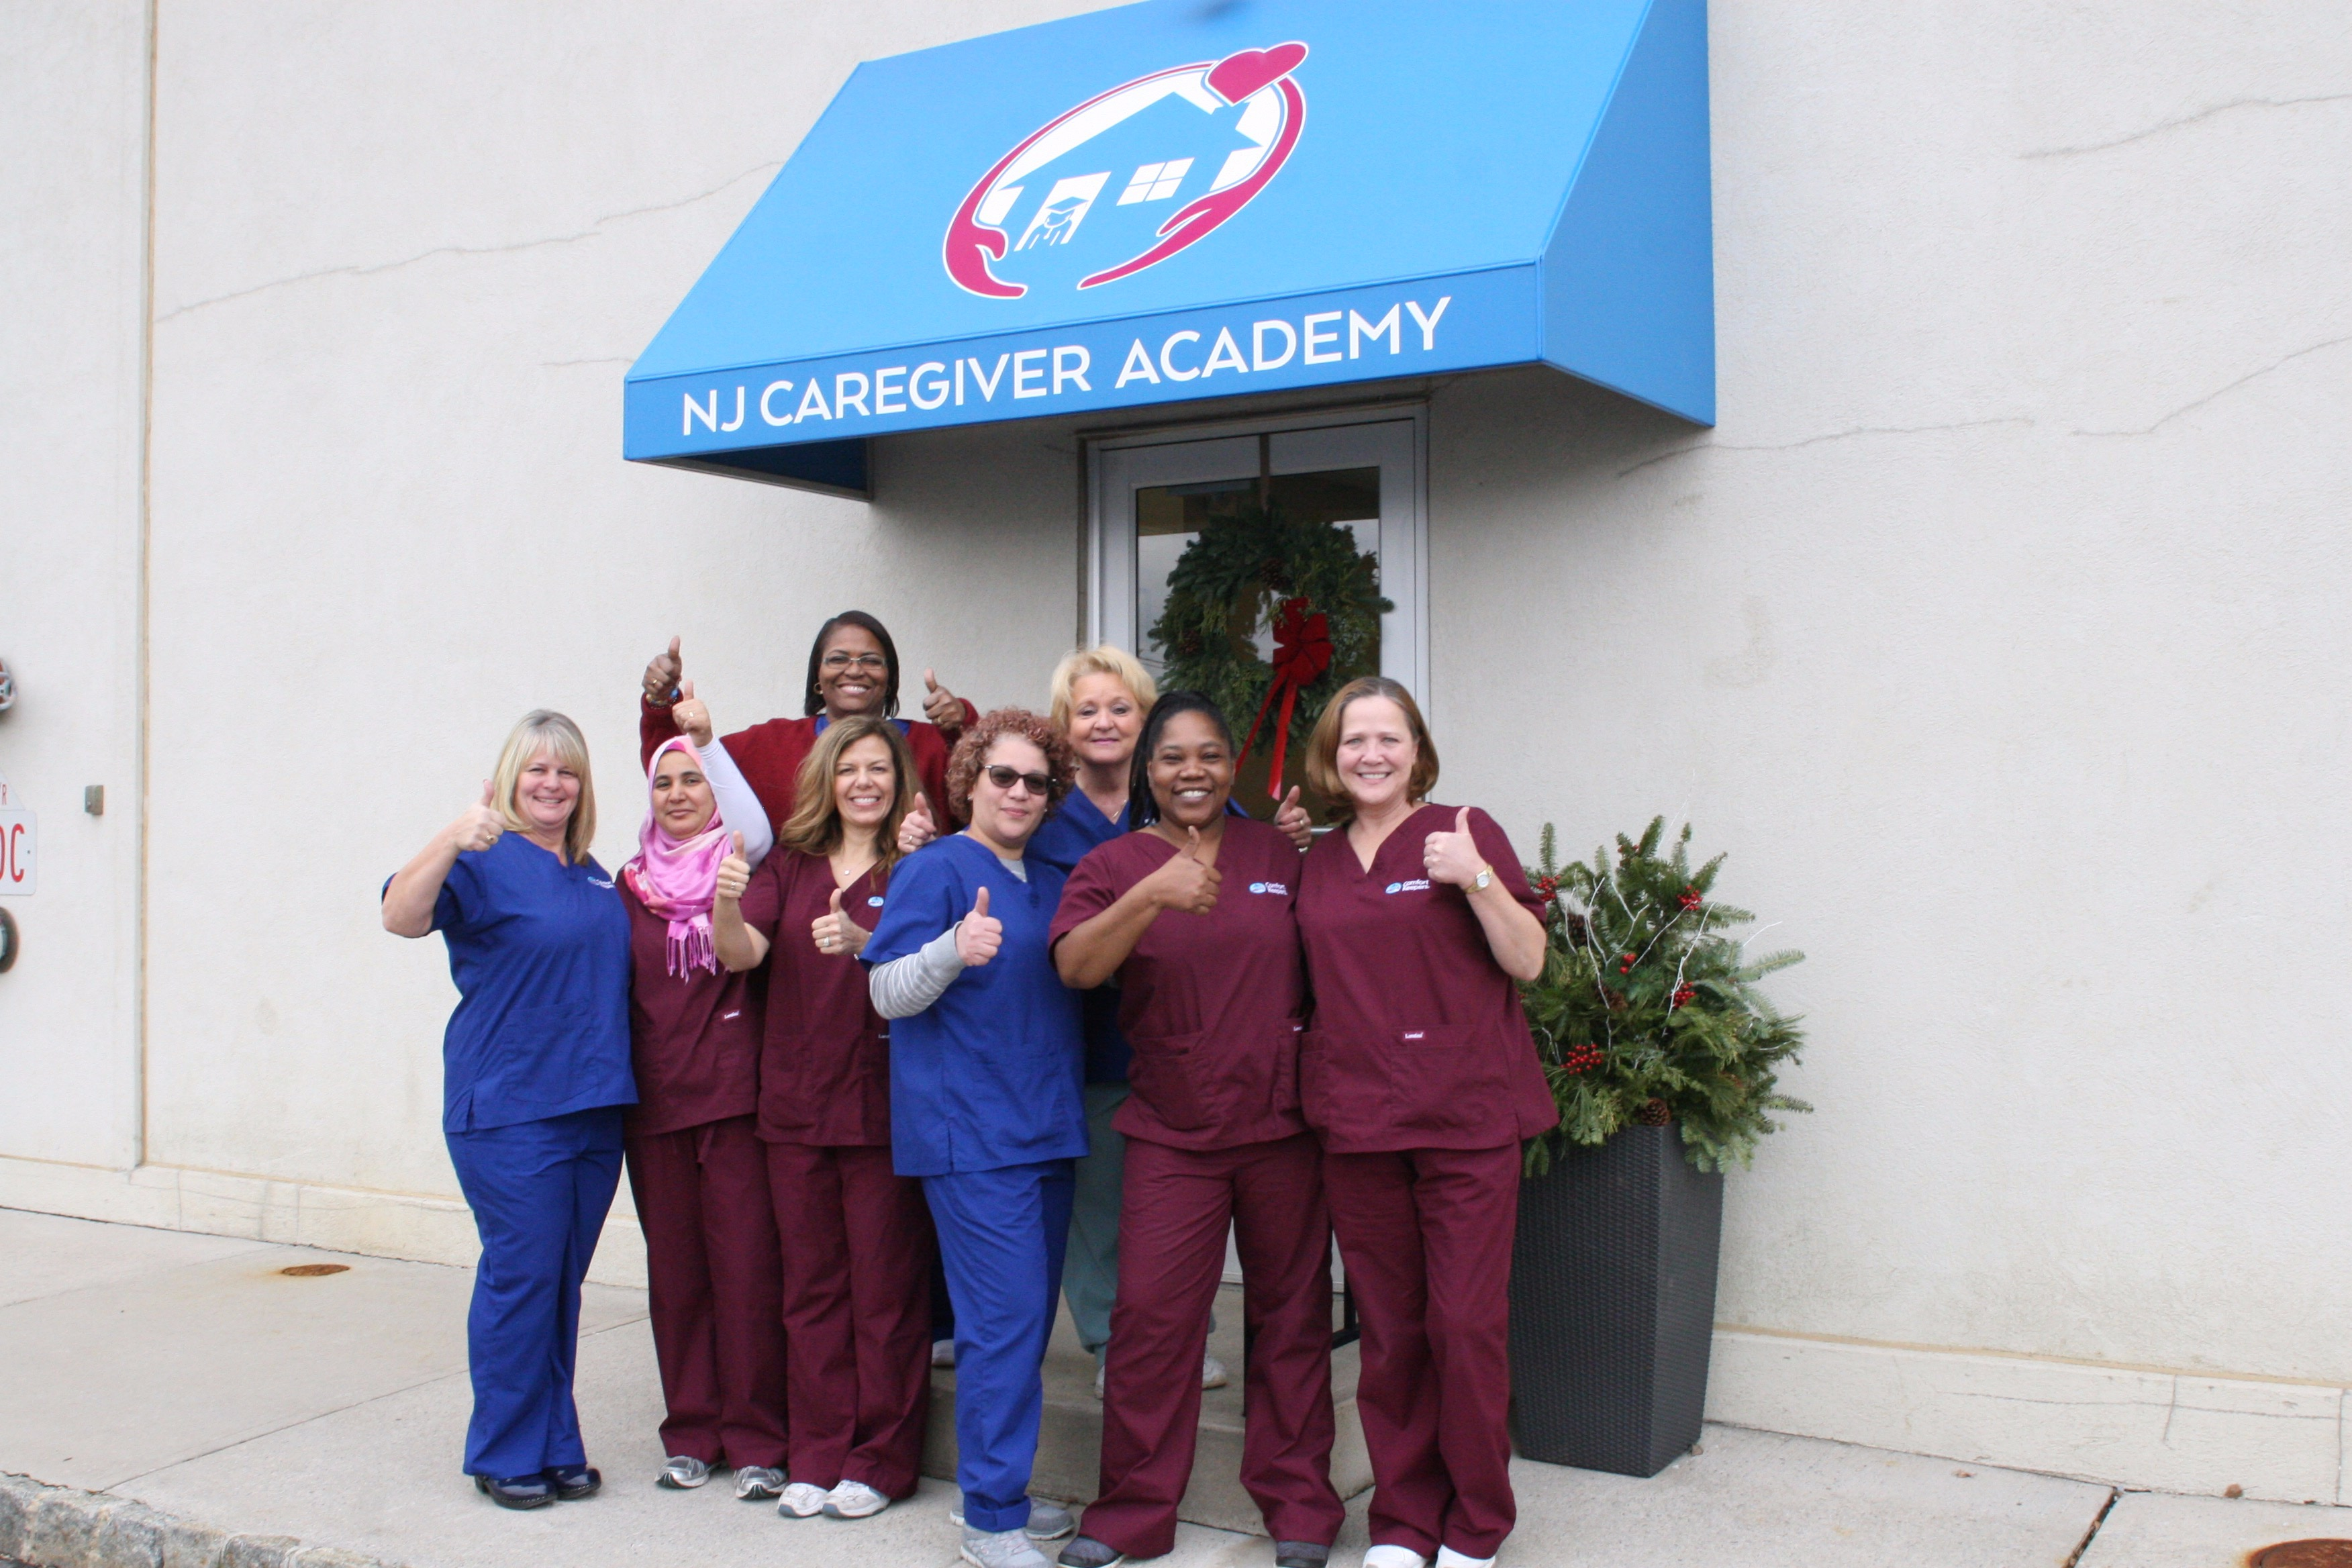 NJ Caregiver Academy